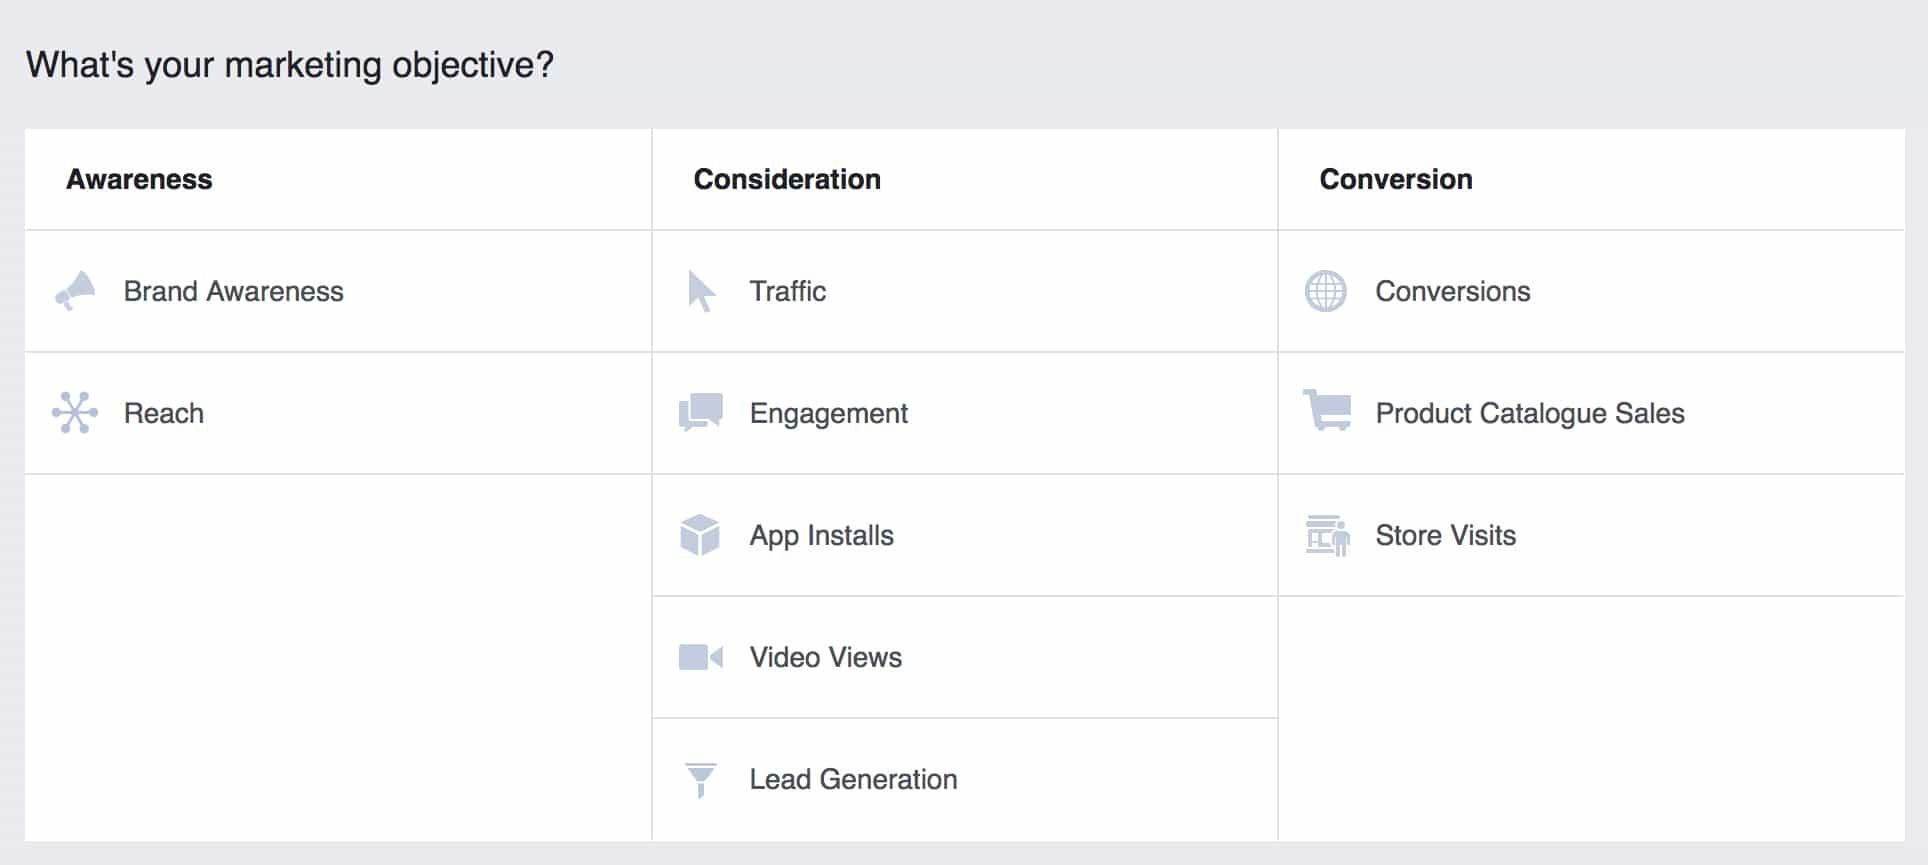 เทคนิคการเพิ่ม Lead ง่ายๆ ด้วย Facebook Ads 1